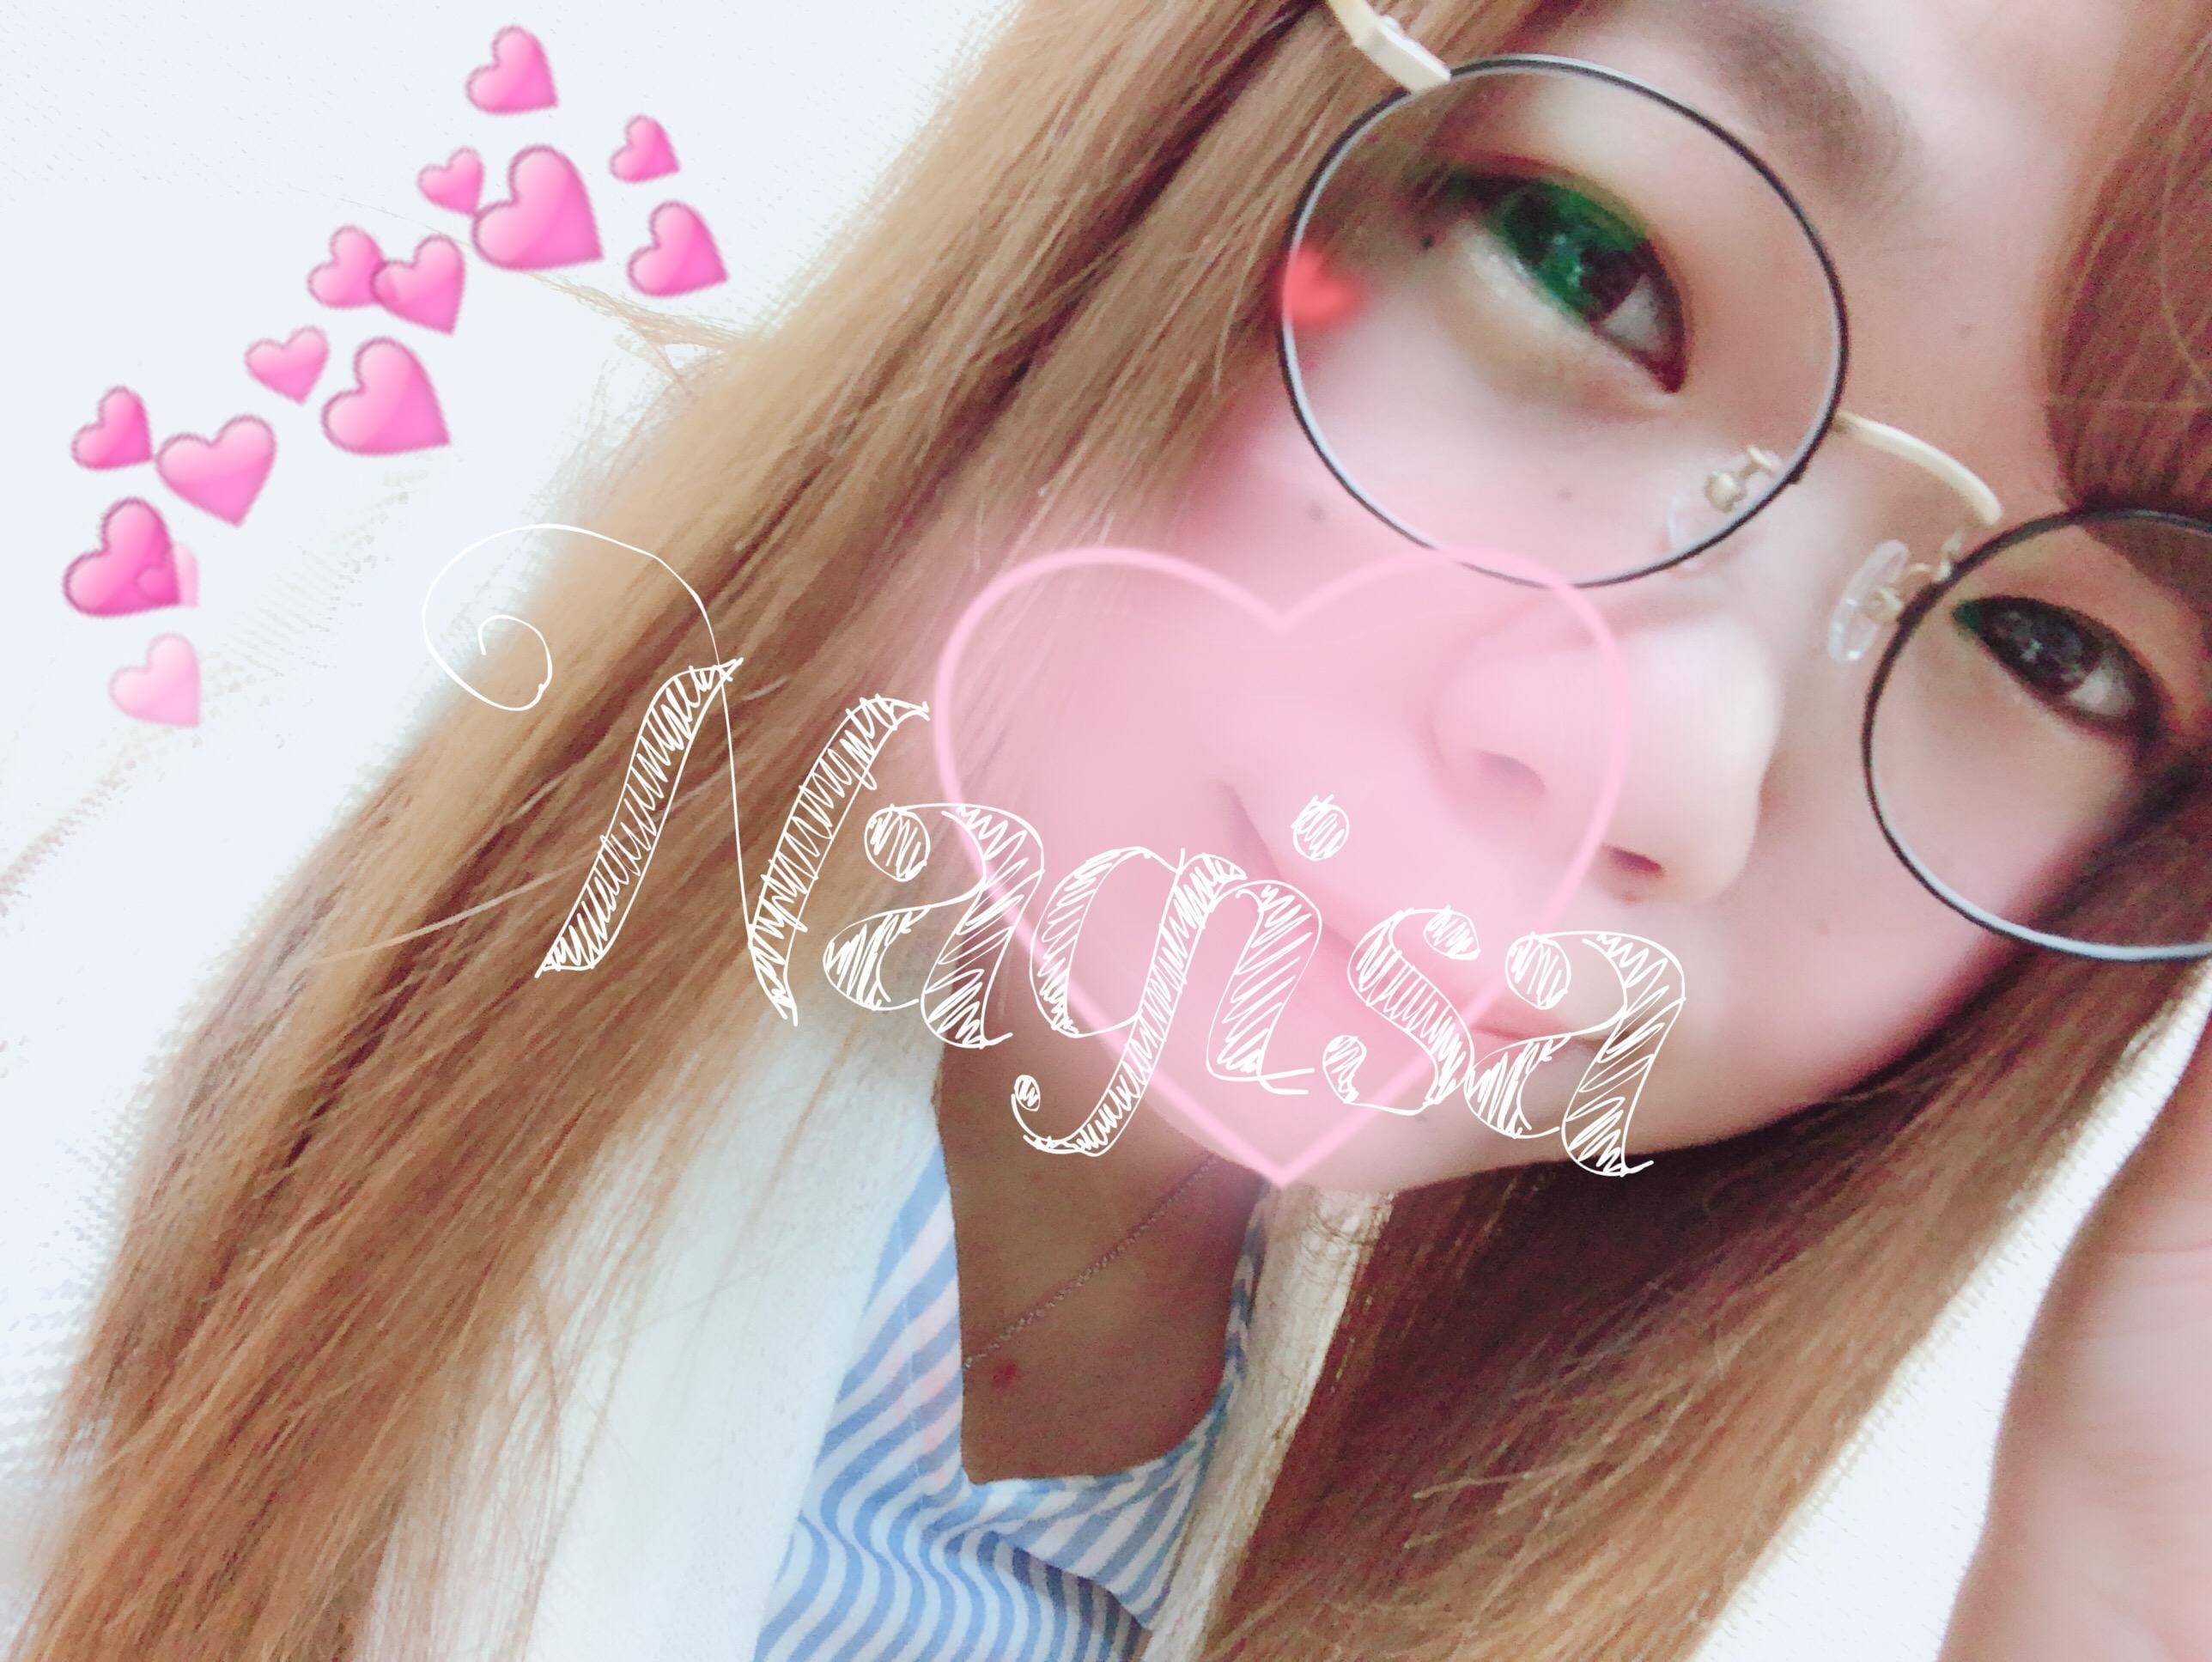 「こんばんは♡♡」09/23(09/23) 23:45 | 高梨なぎさの写メ・風俗動画